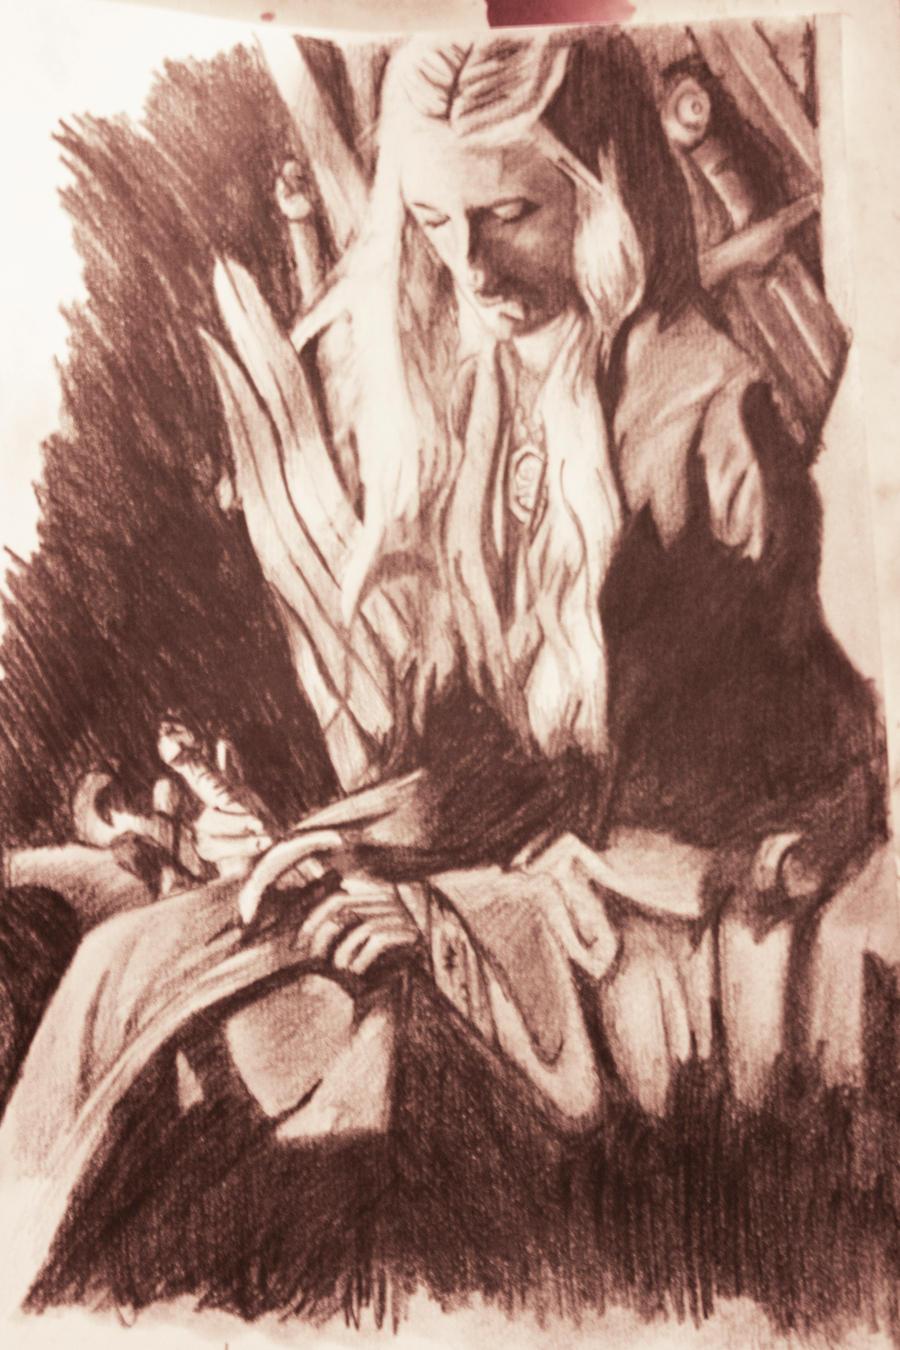 http://fc06.deviantart.net/fs70/i/2012/022/7/f/cersei_lannister_by_snowendur-d4n9t5l.jpg